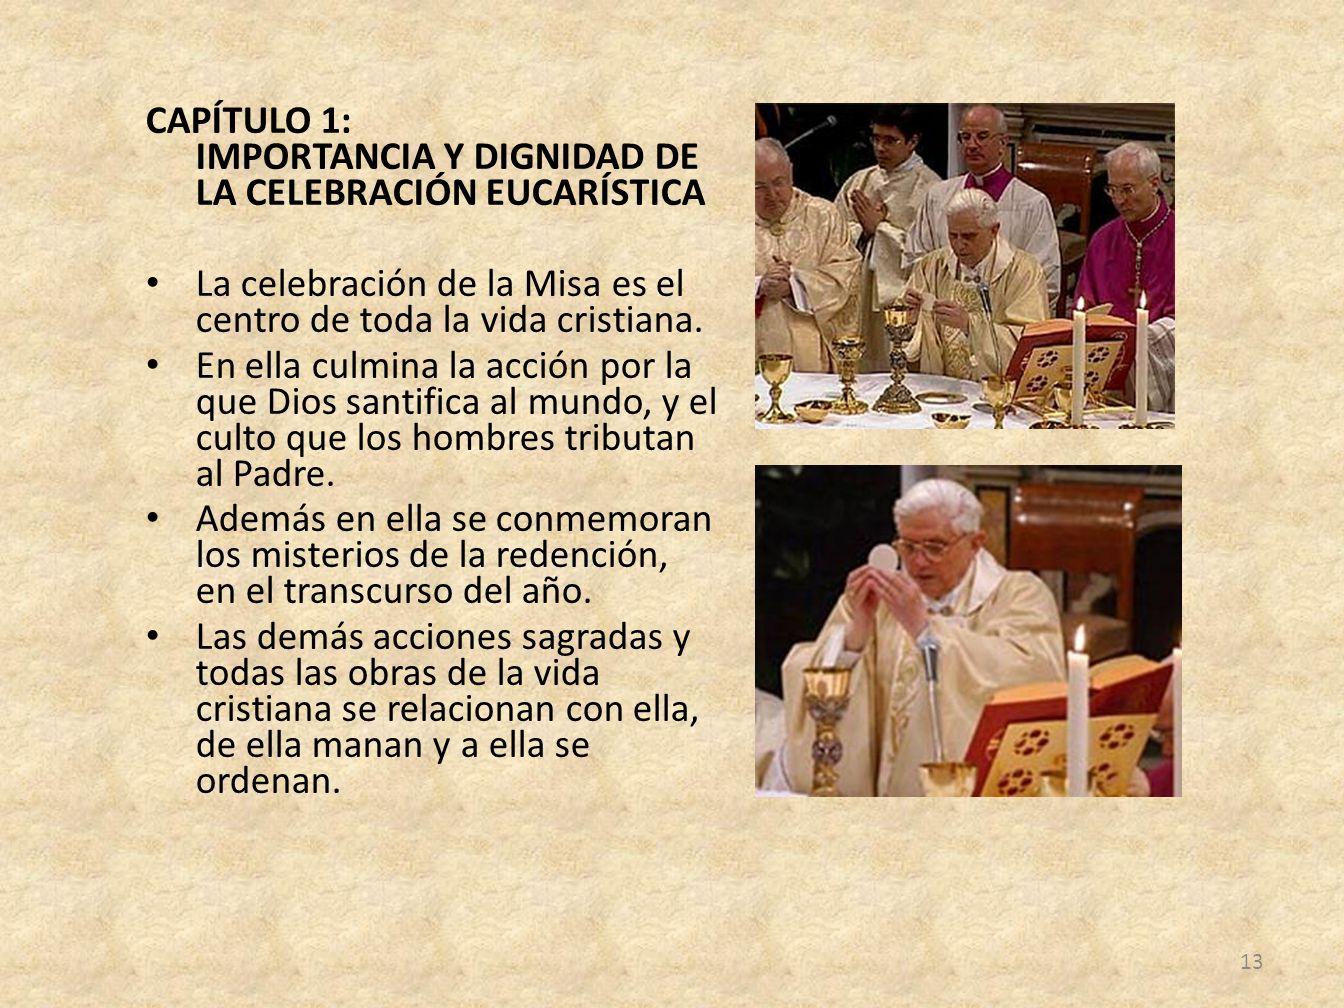 CAPÍTULO 1: IMPORTANCIA Y DIGNIDAD DE LA CELEBRACIÓN EUCARÍSTICA